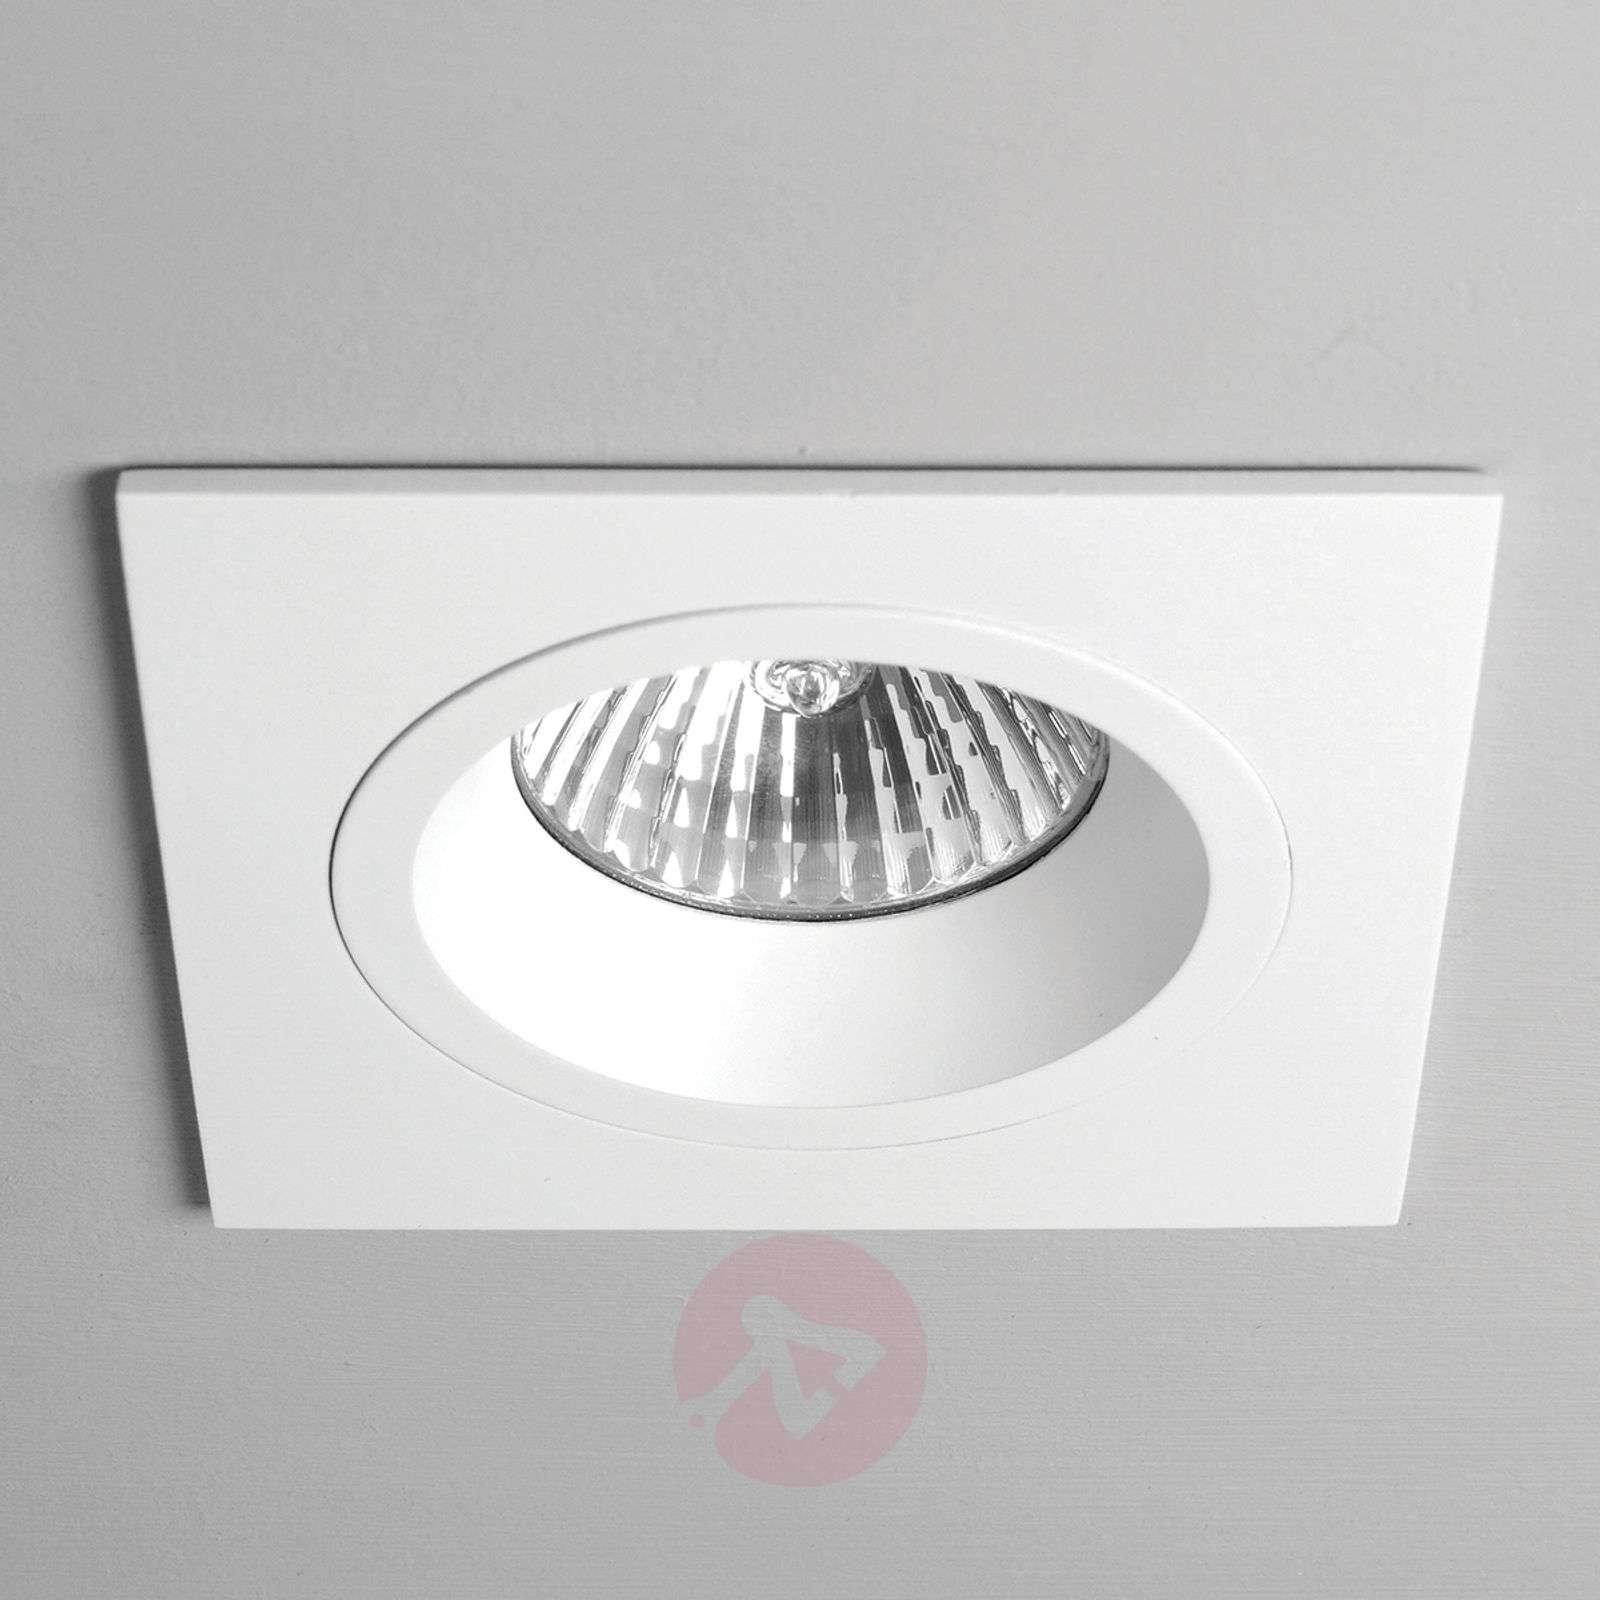 Taro Built-In Ceiling Spotlight Square Rigid White-1020358-02